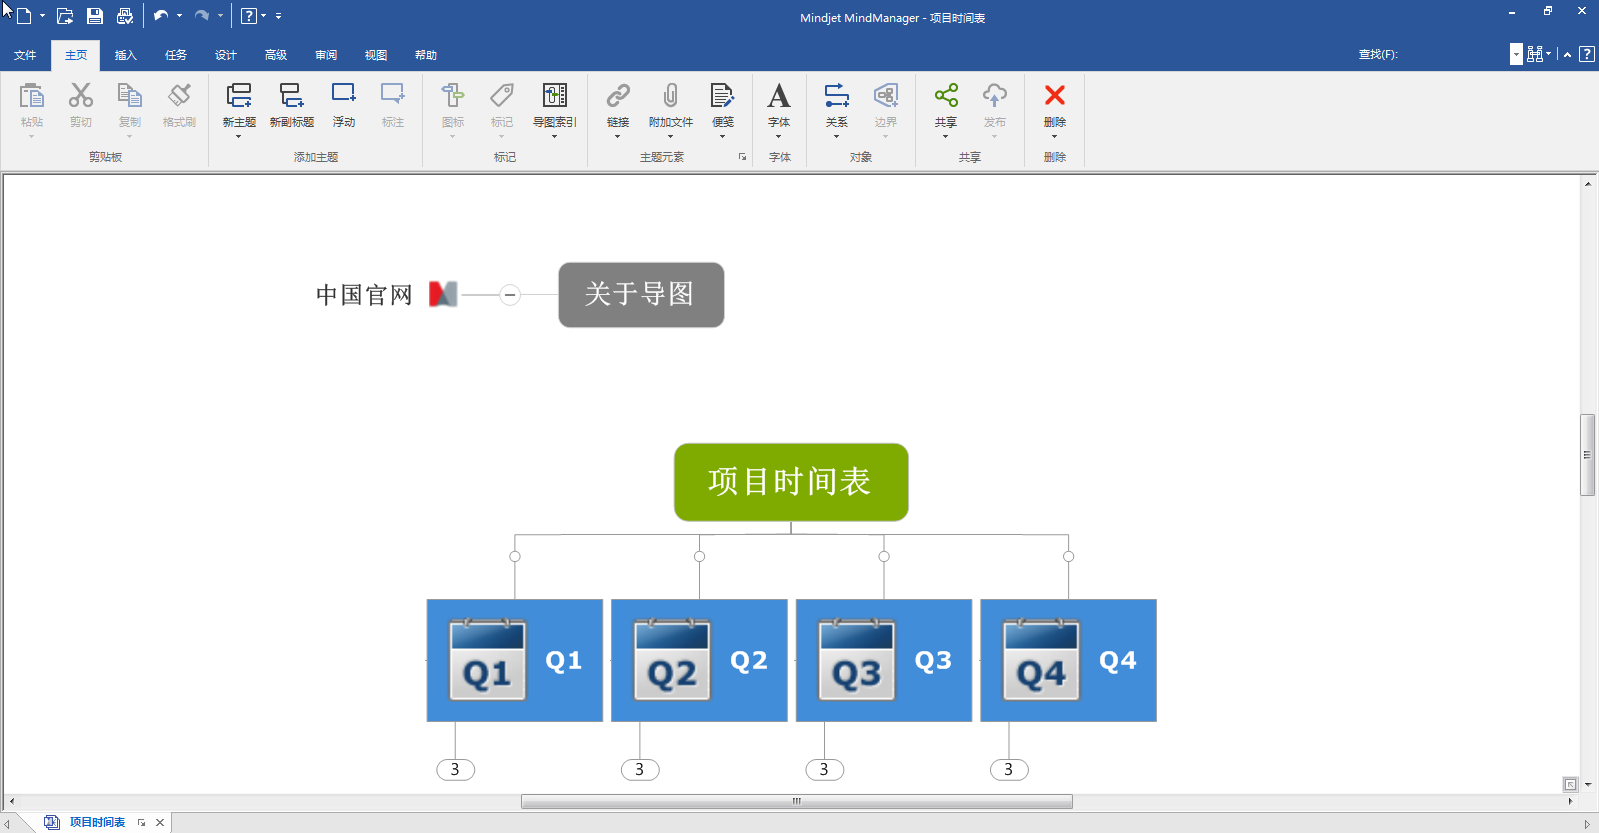 MindManager 2018思维导图软件中文版_v18.0.284_32位 and 64位中文免费软件(204.78 MB)